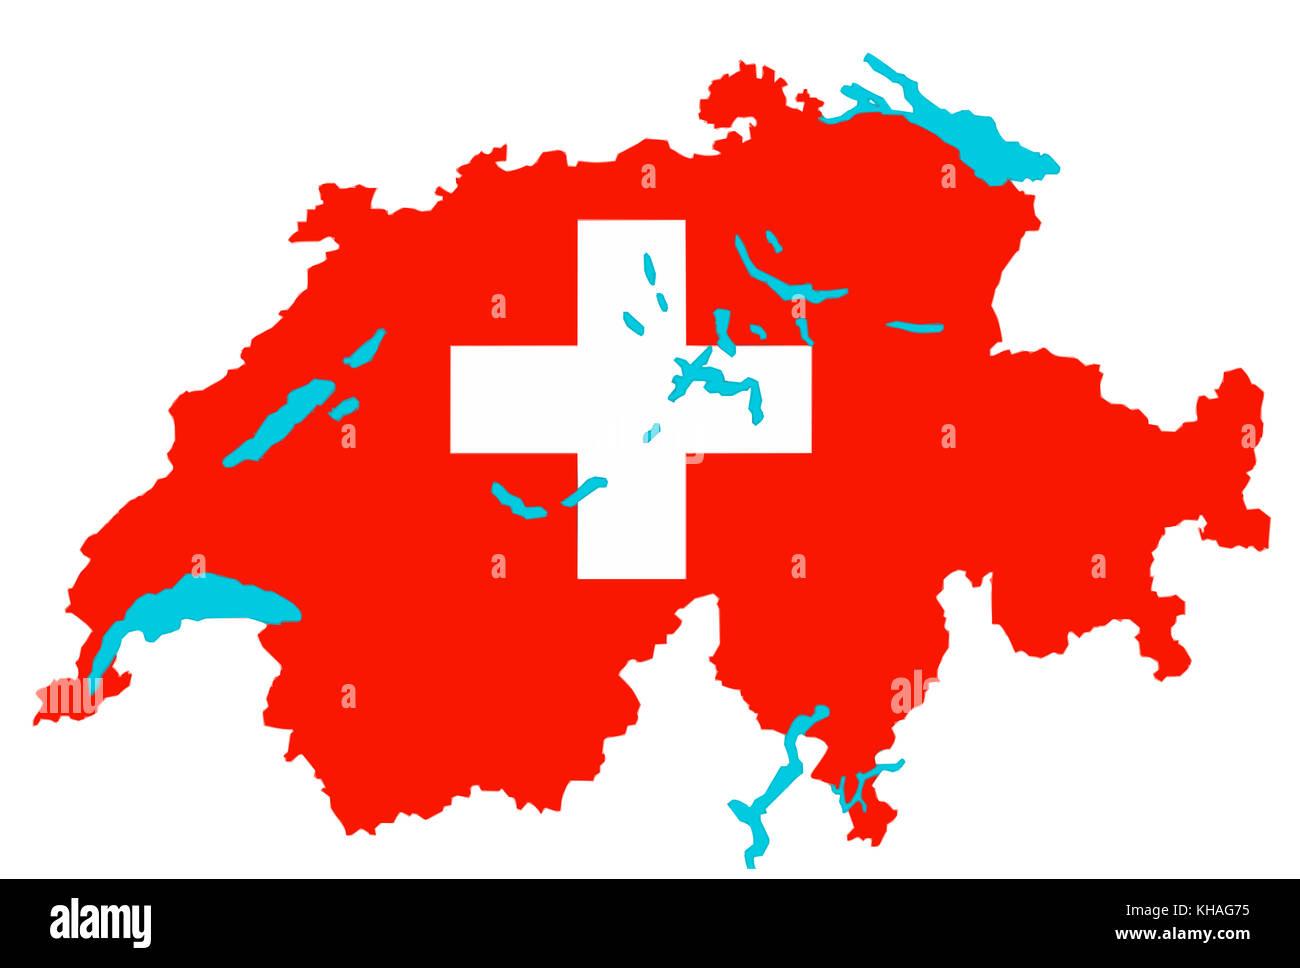 La Svizzera Cartina.Cartina Della Svizzera Con I Colori Della Bandiera Svizzera Foto Stock Alamy